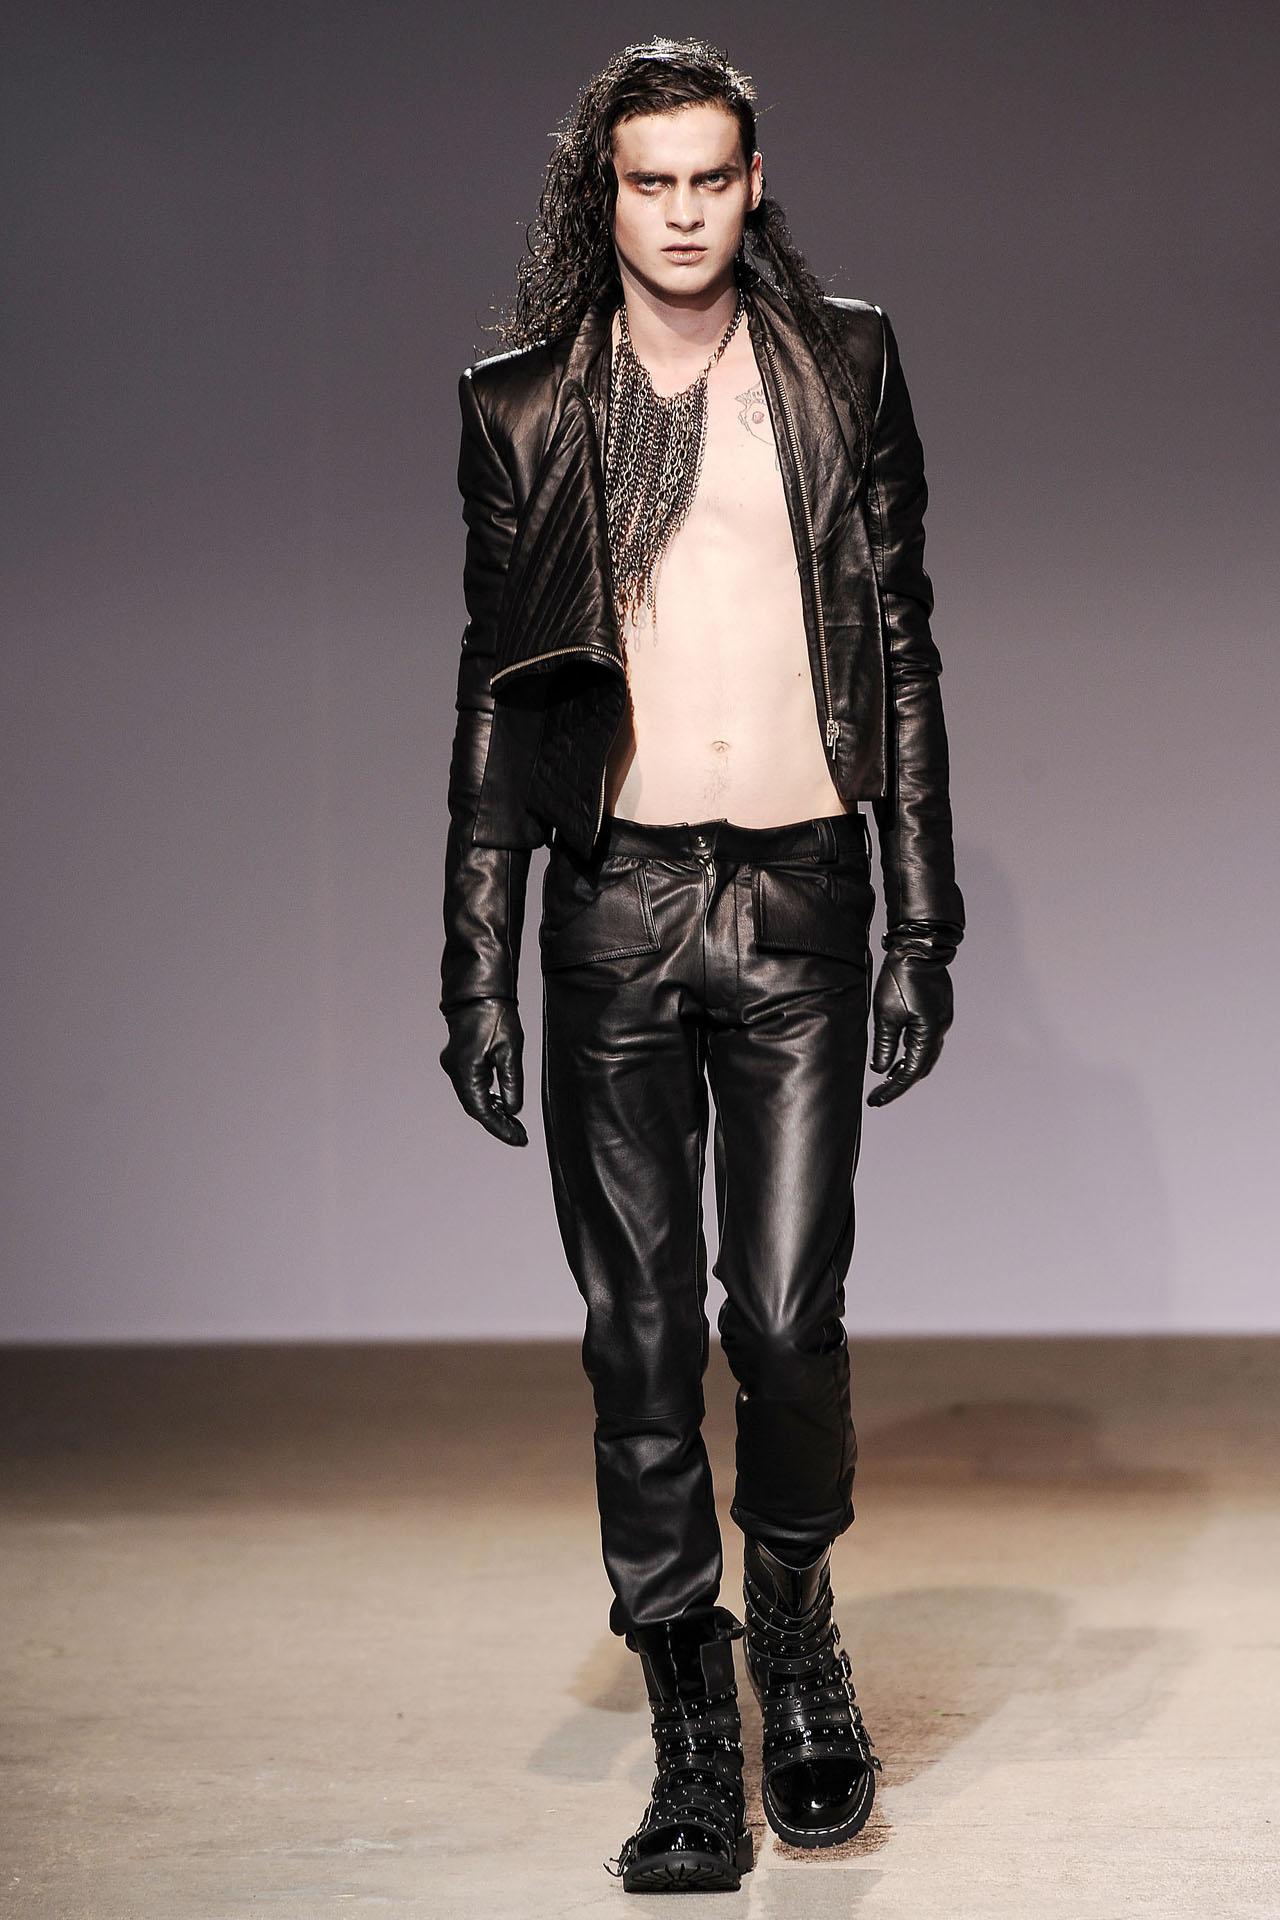 U januaru 2009. godine zadivio je Parižane prvom kolekcijom za muškarce